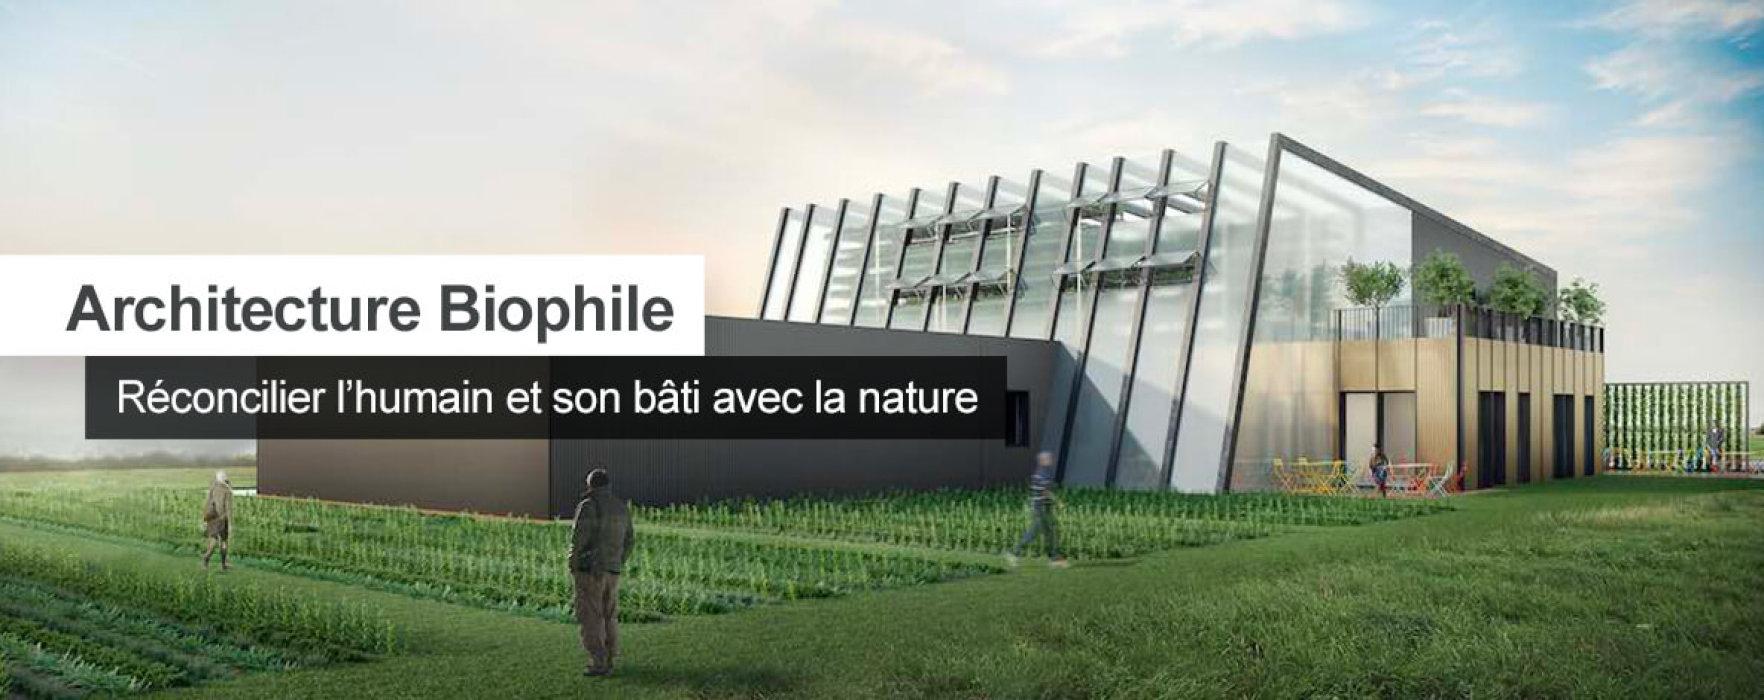 Architecture biophile